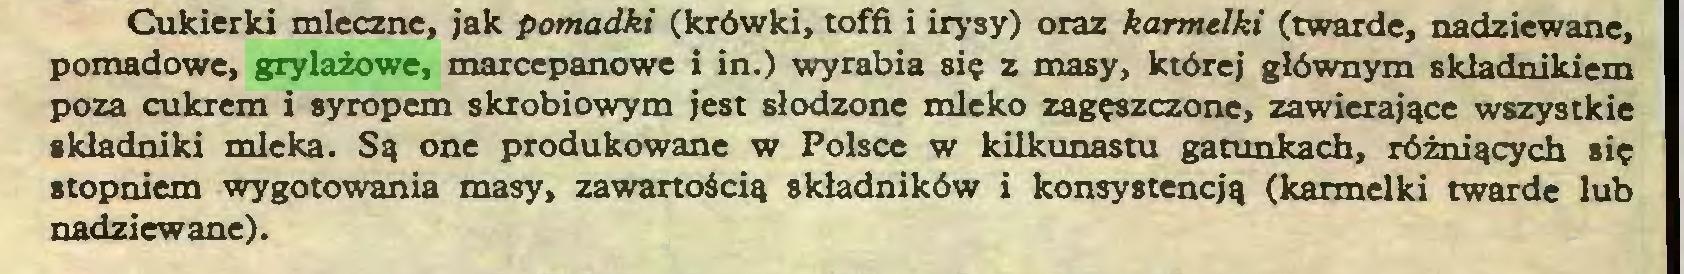 (...) Cukierki mleczne, jak pomadki (krówki, toffi i irysy) oraz karmelki (twarde, nadziewane, pomadowe, grylażowe, marcepanowe i in.) wyrabia się z masy, której głównym składnikiem poza cukrem i syropem skrobiowym jest słodzone mleko zagęszczone, zawierające wszystkie składniki mleka. Są one produkowane w Polsce w kilkunastu gatunkach, różniących się stopniem wygotowania masy, zawartością składników i konsystencją (karmelki twarde lub nadziewane)...